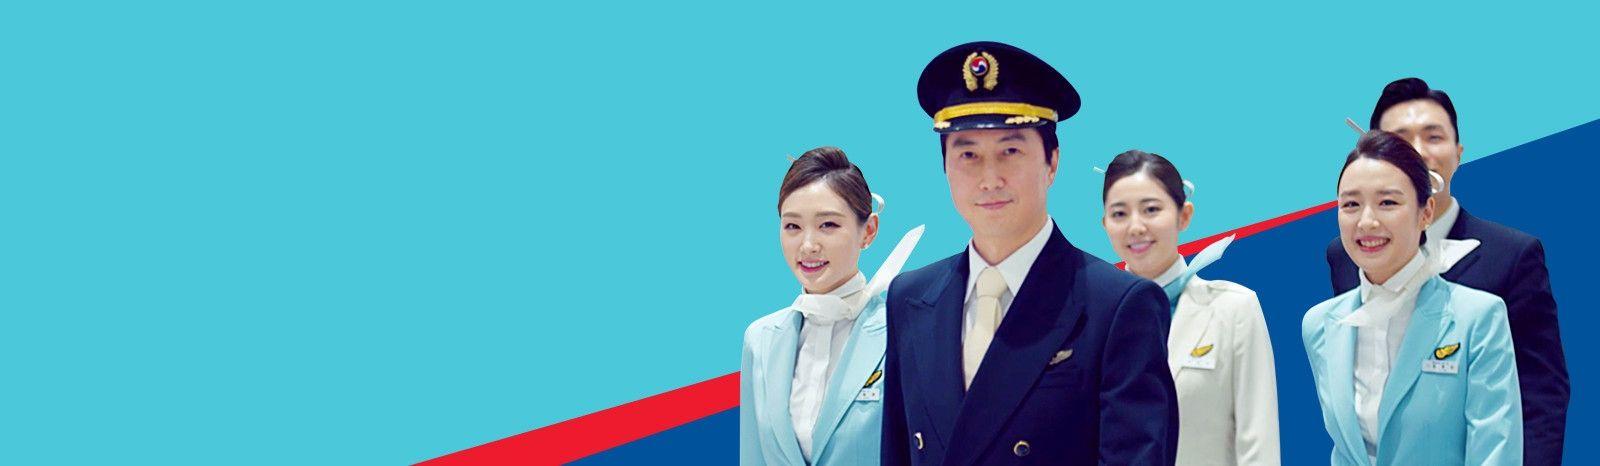 大韩航空宣传片:7个关键词,享受我们的面面俱到